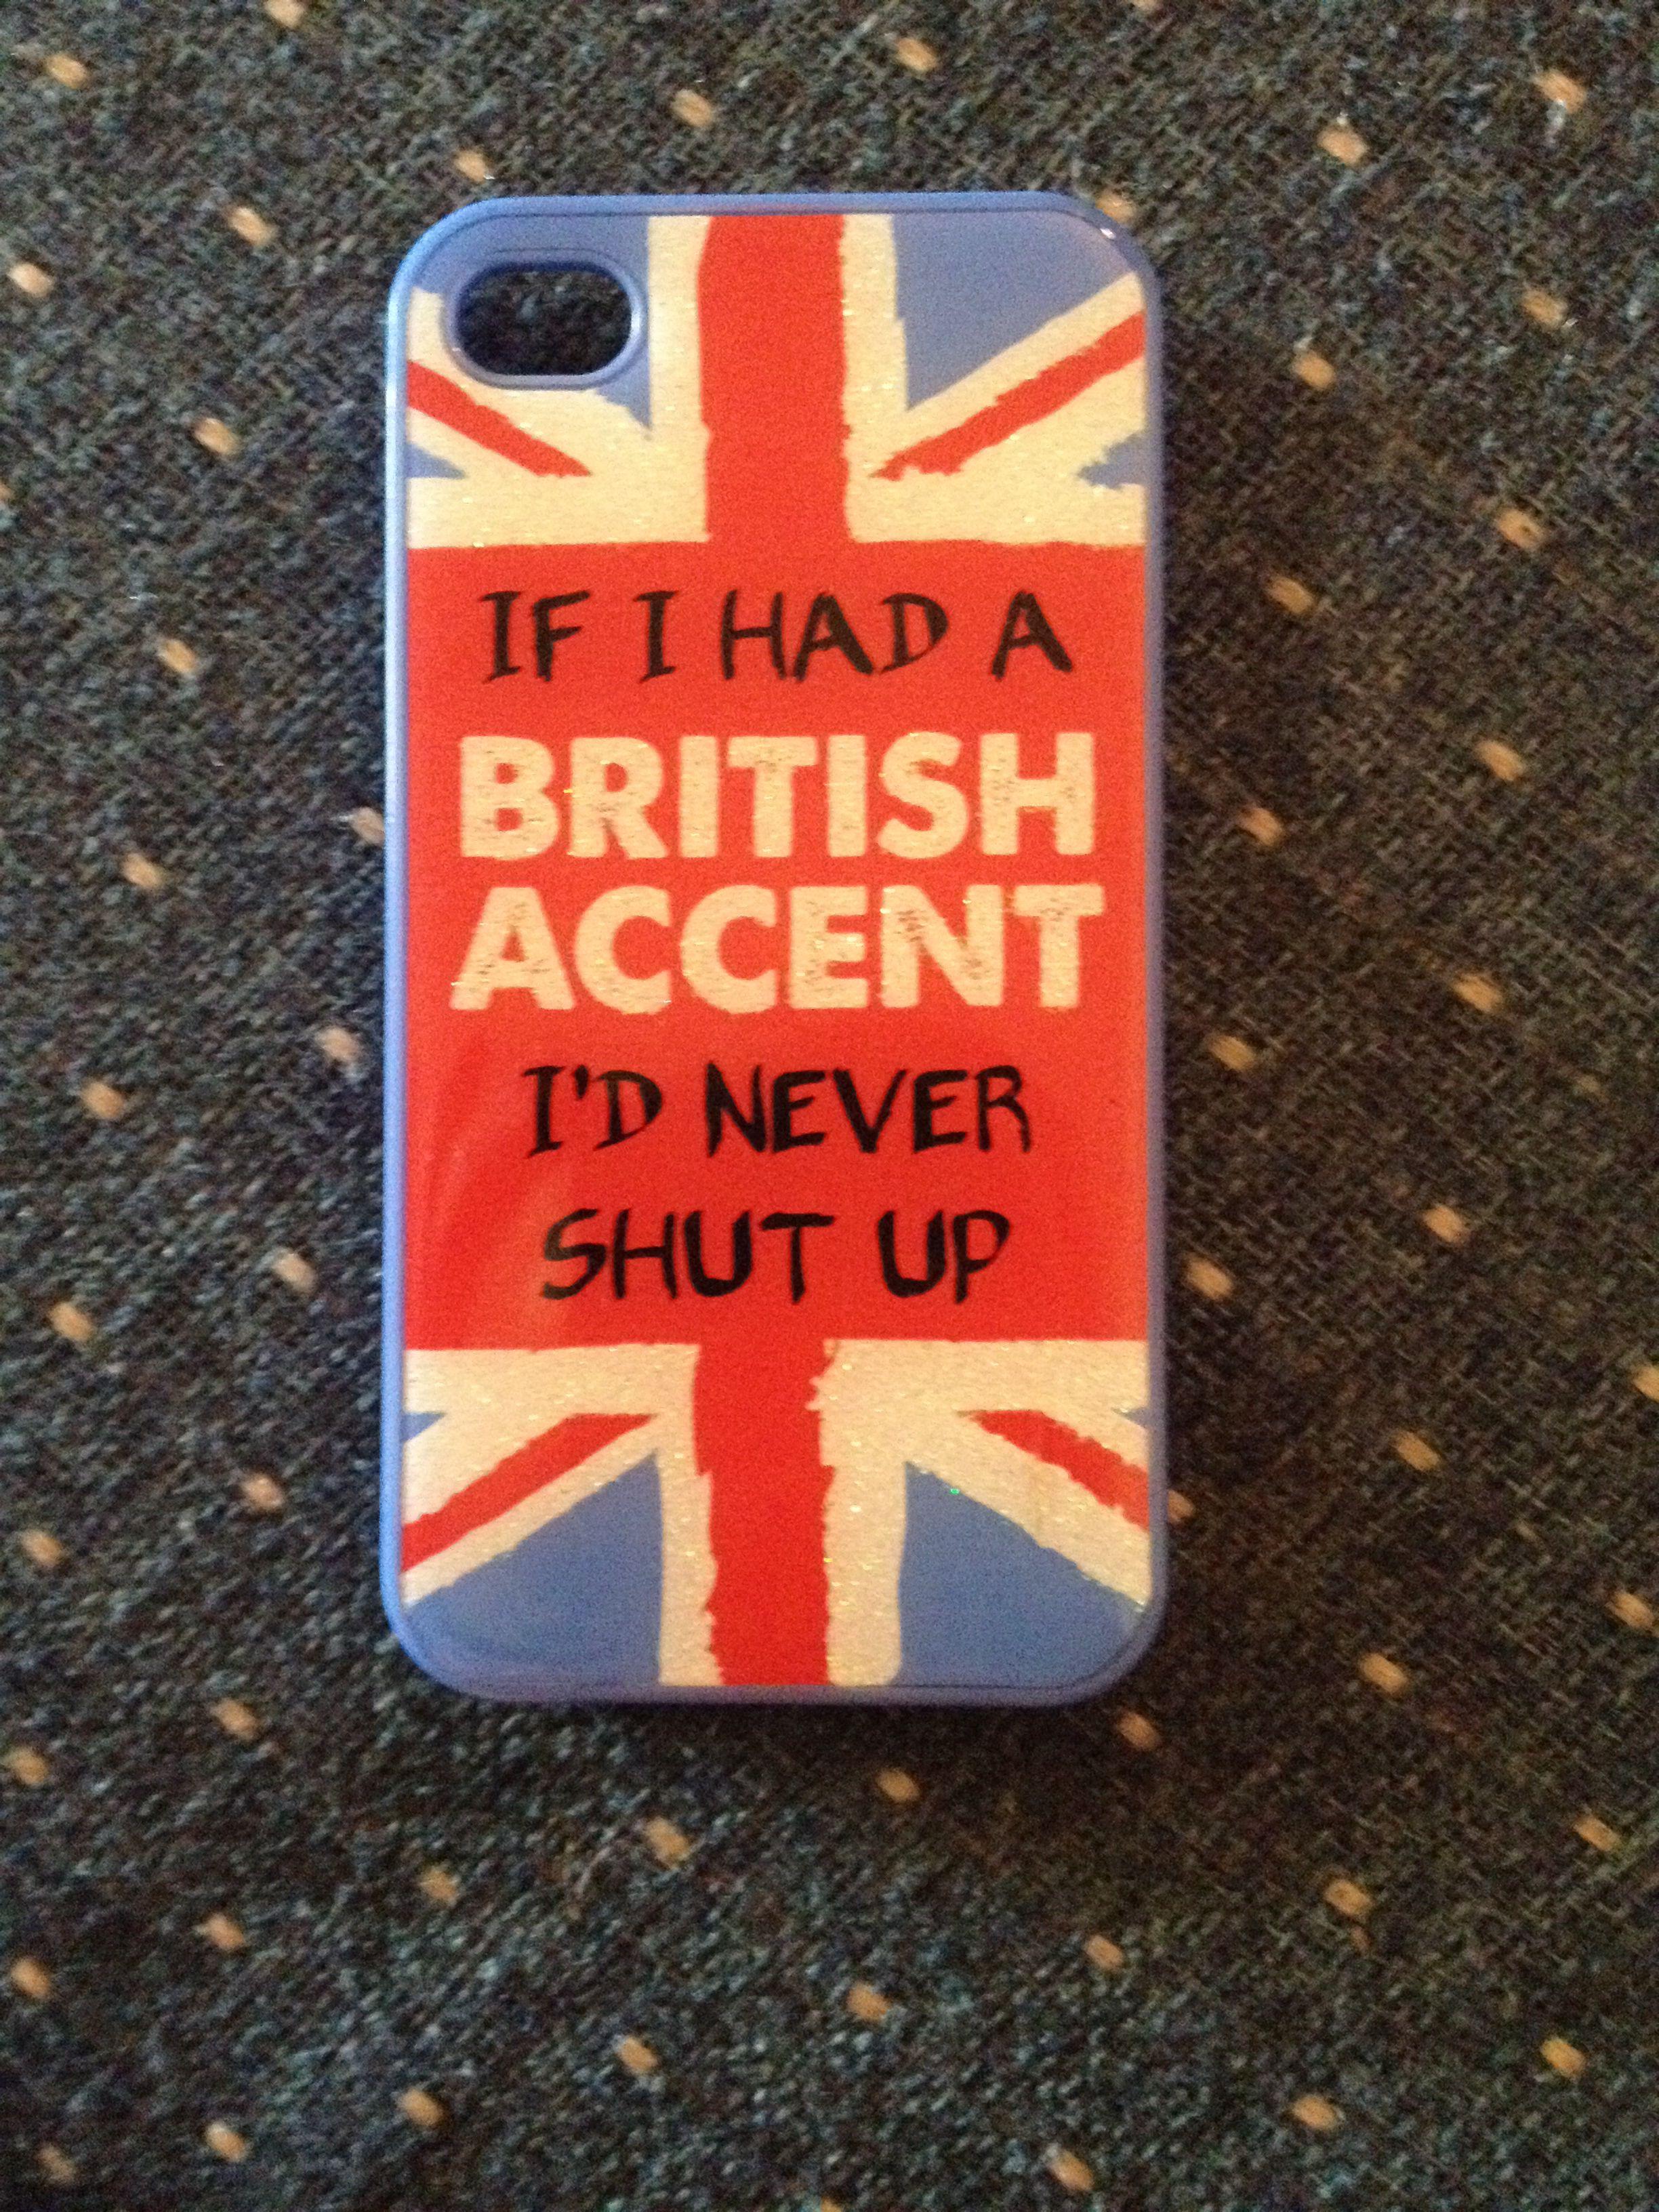 My in phone case